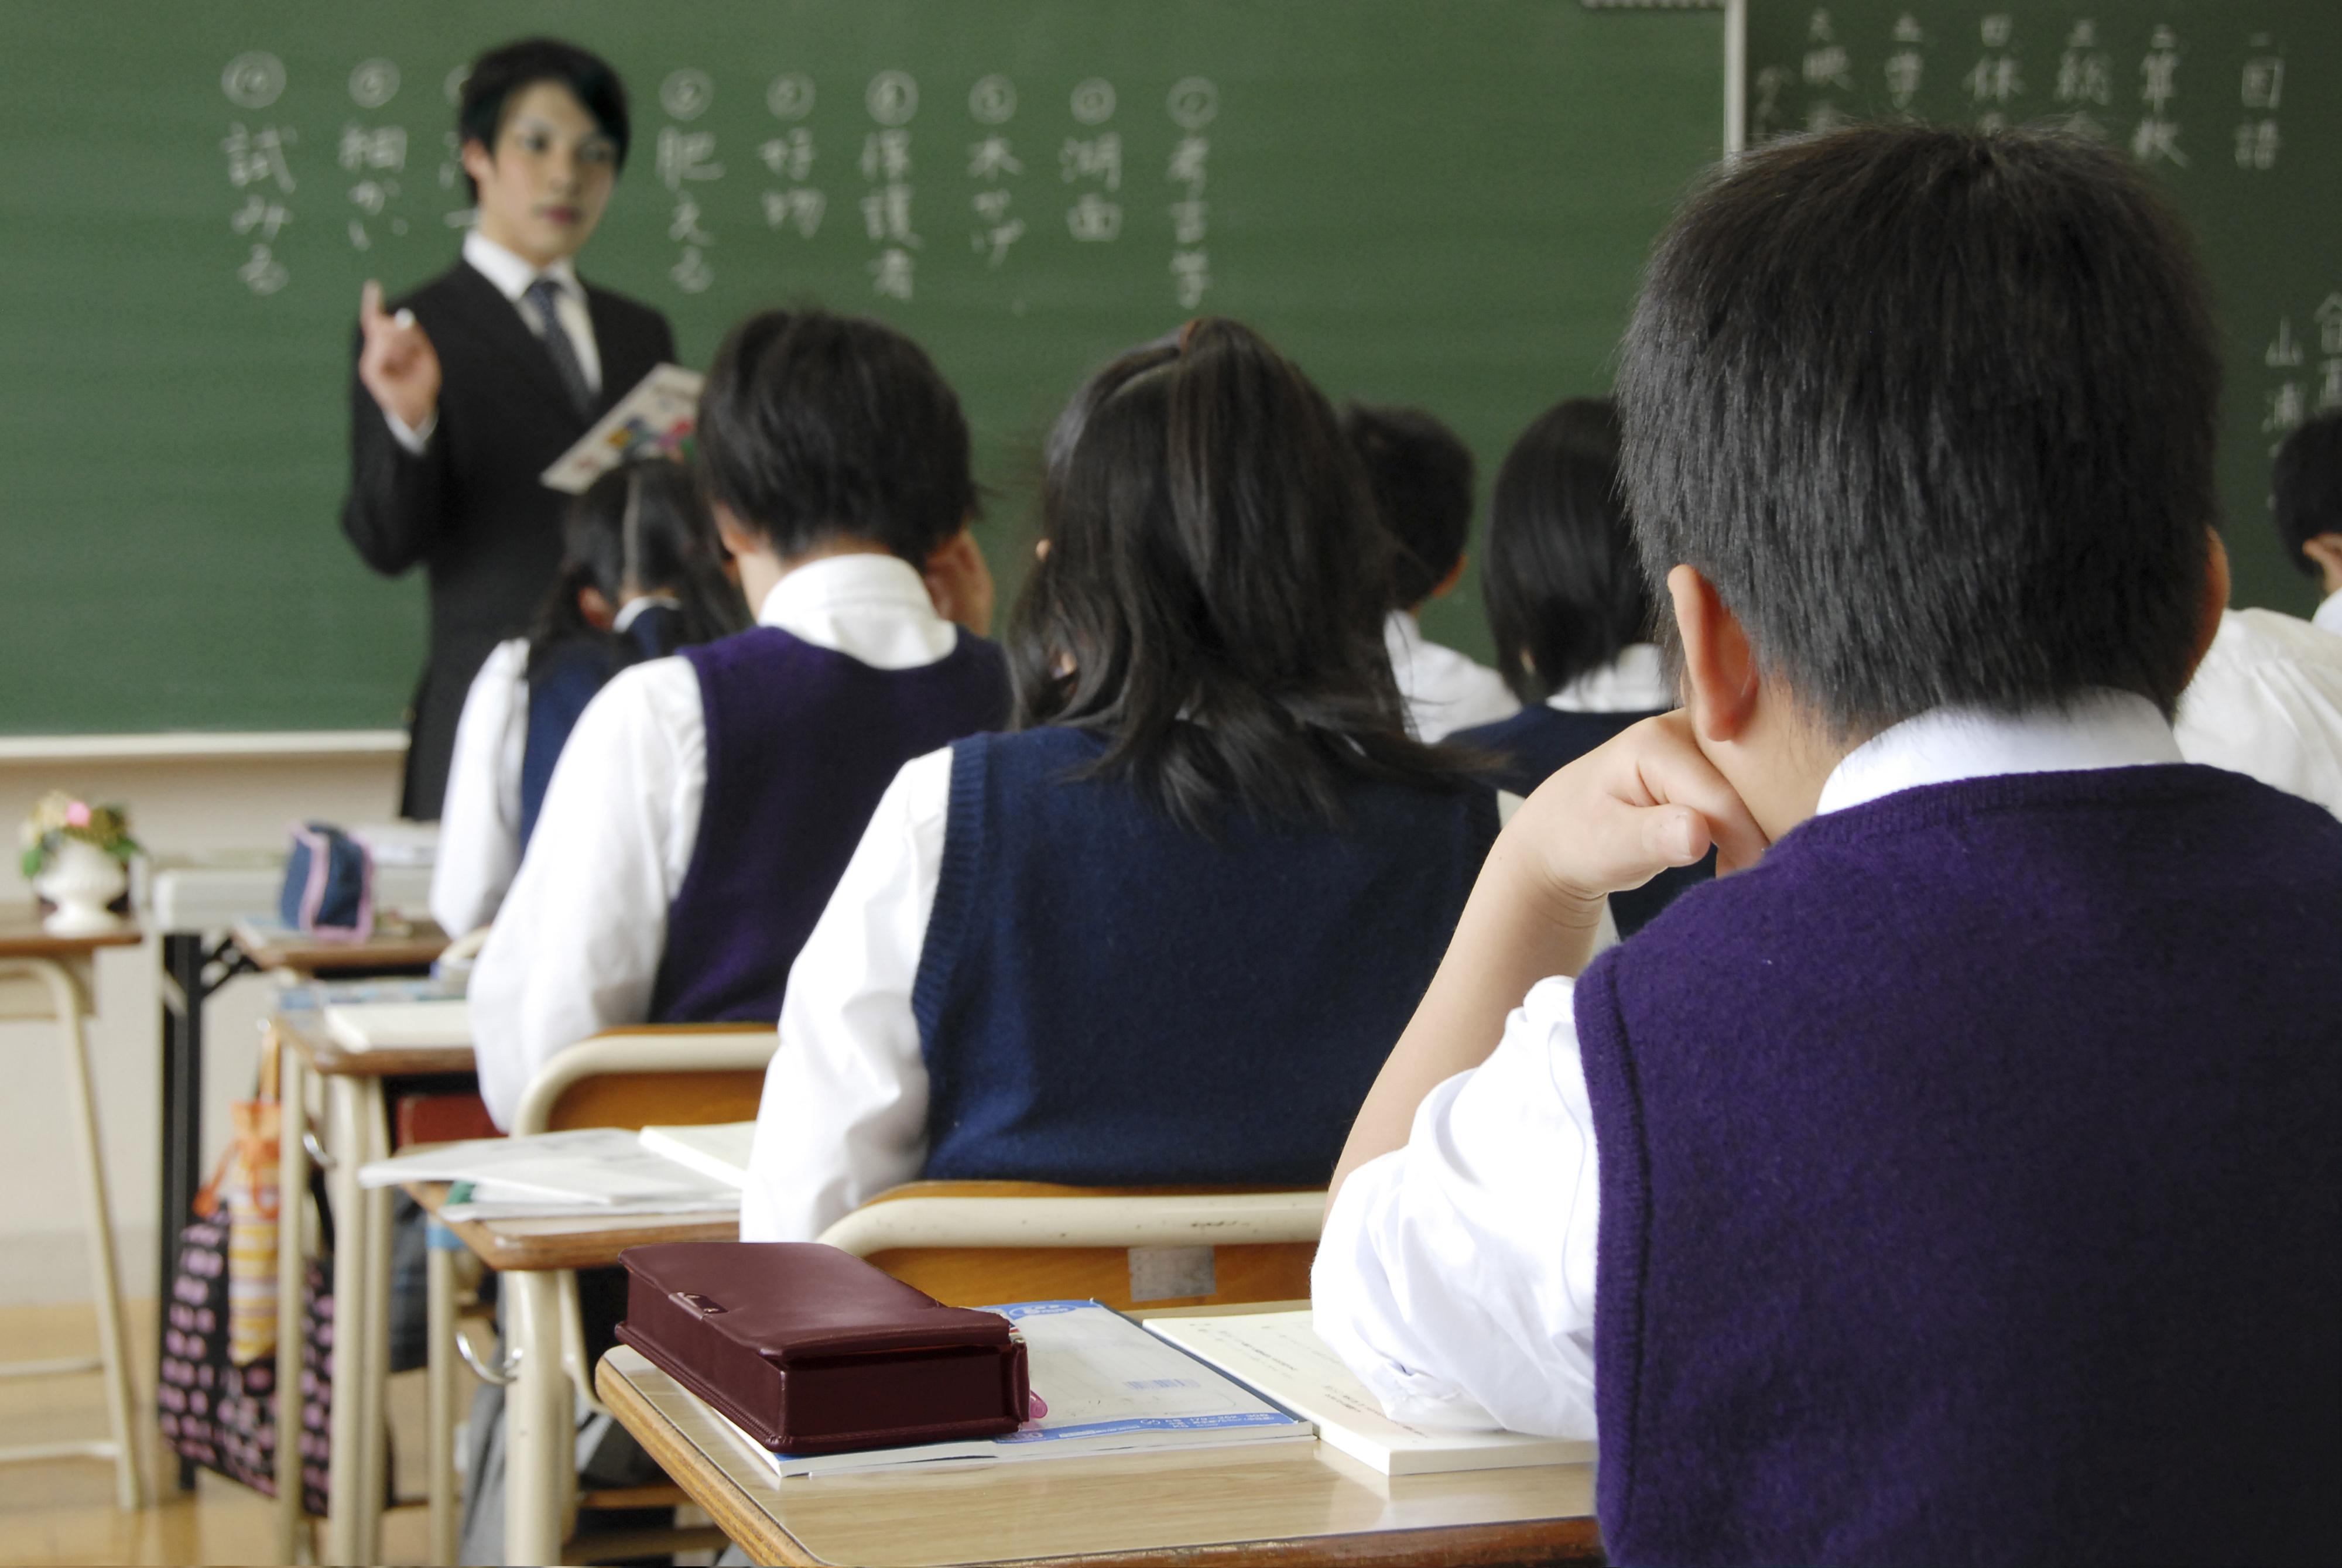 Ιαπωνία: Αυτοκτόνησαν 250 παιδιά μέσα σε ένα έτος